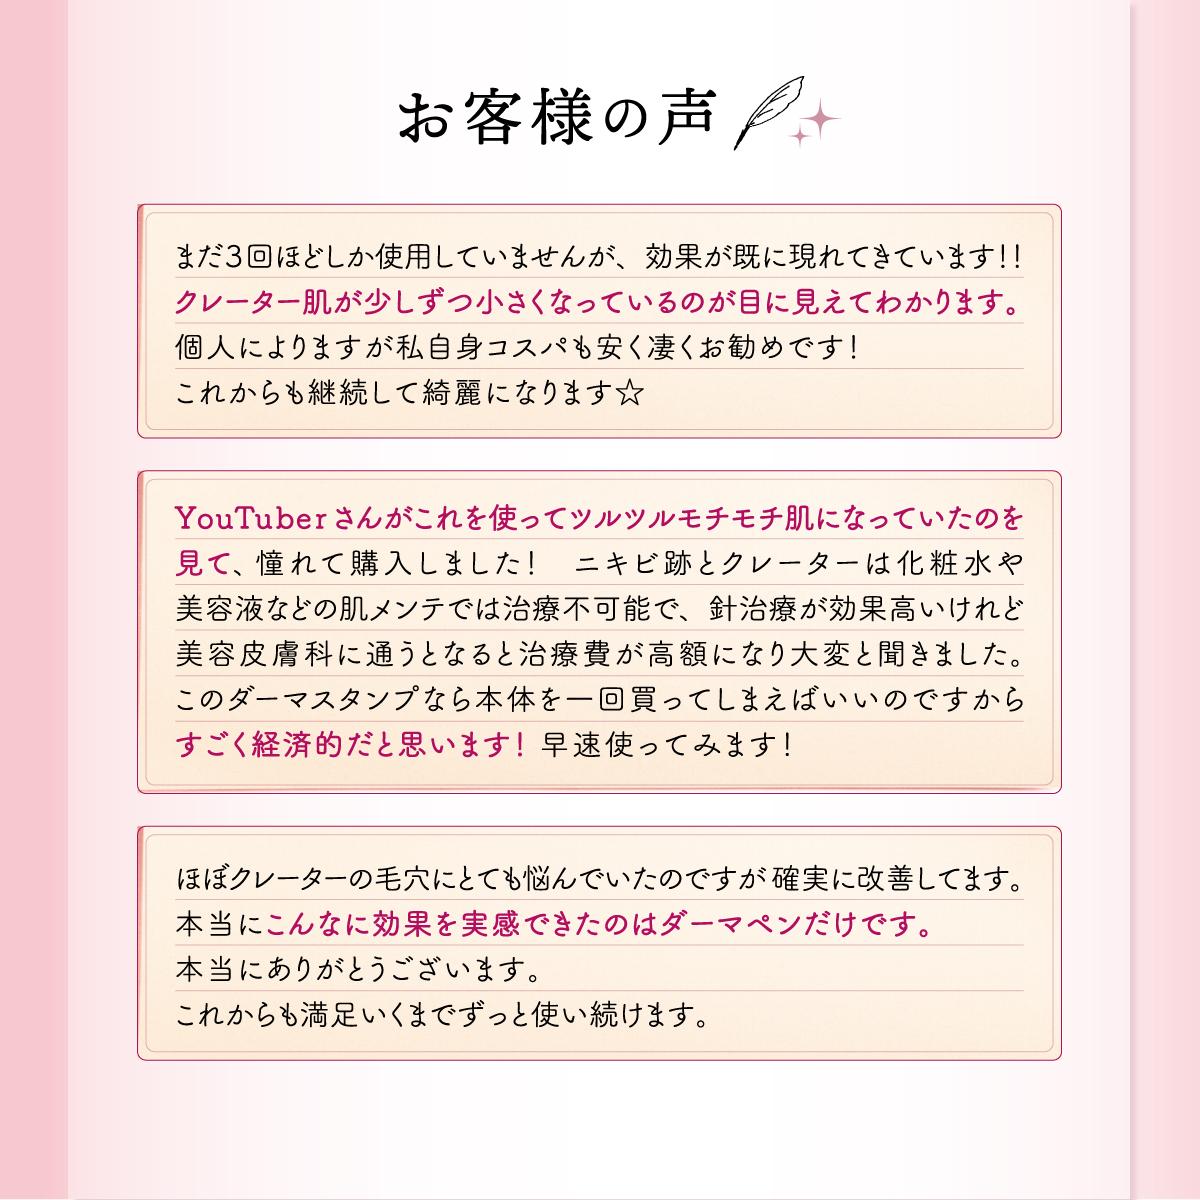 電動ダーマスタンプ 日本語説明書付 12針タイプ替えチップ 3つ付 0.25ミリ-2.0ミリに調整可能